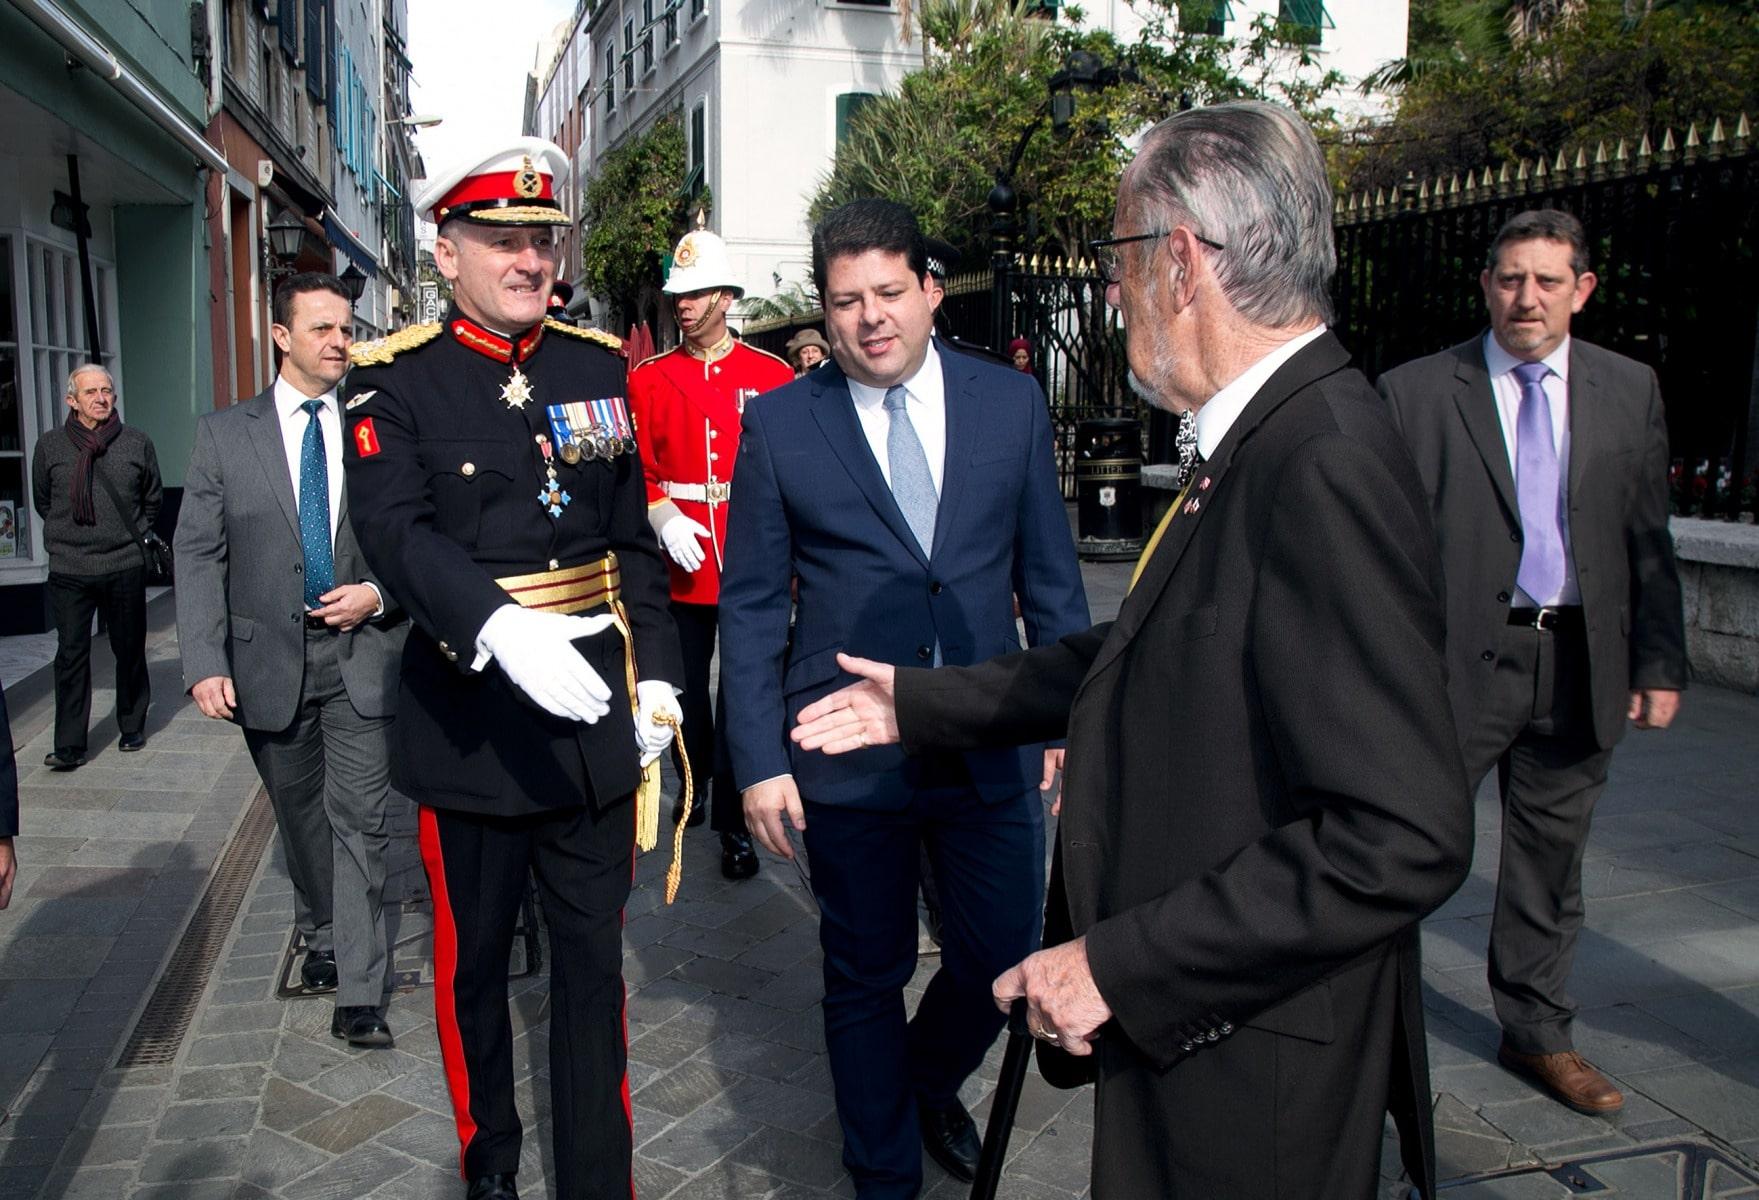 gobernador-de-gibraltar-edward-davis_24129265529_o